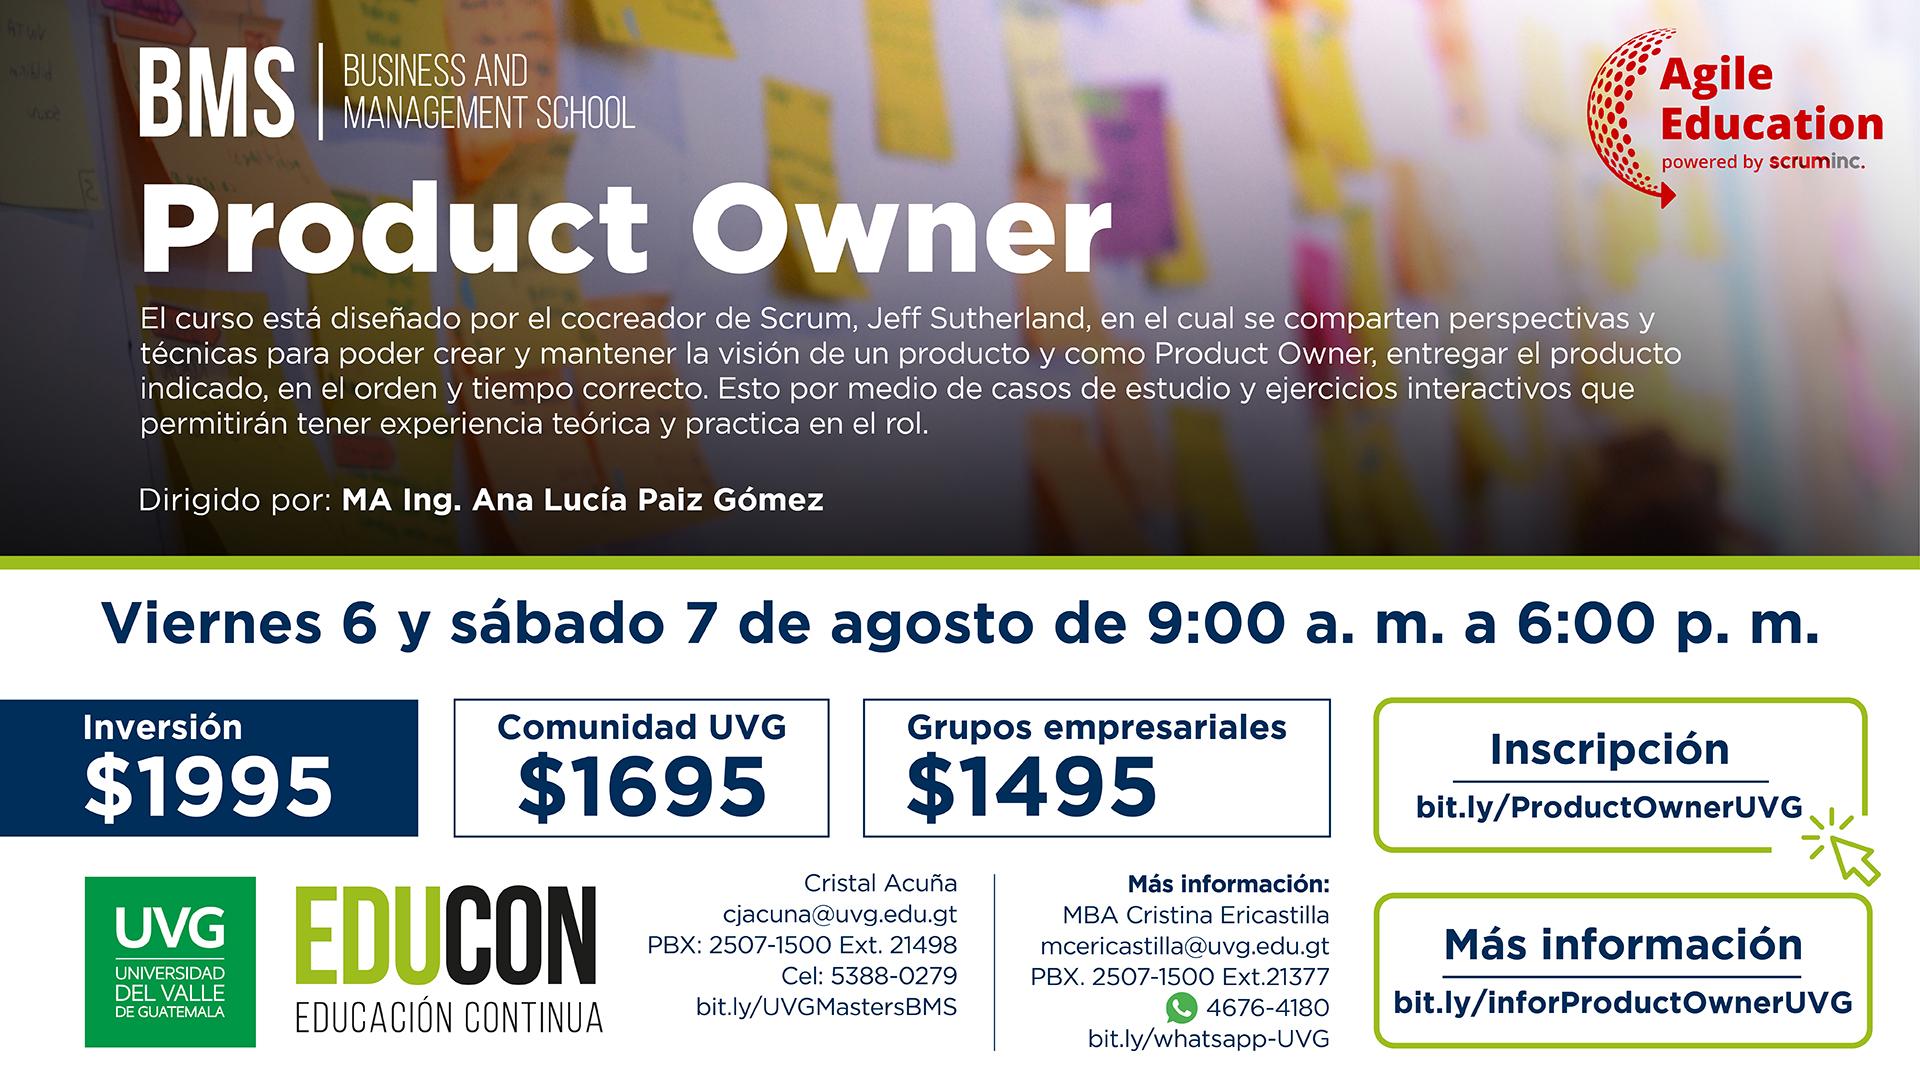 Product Owner por Scrum Inc.